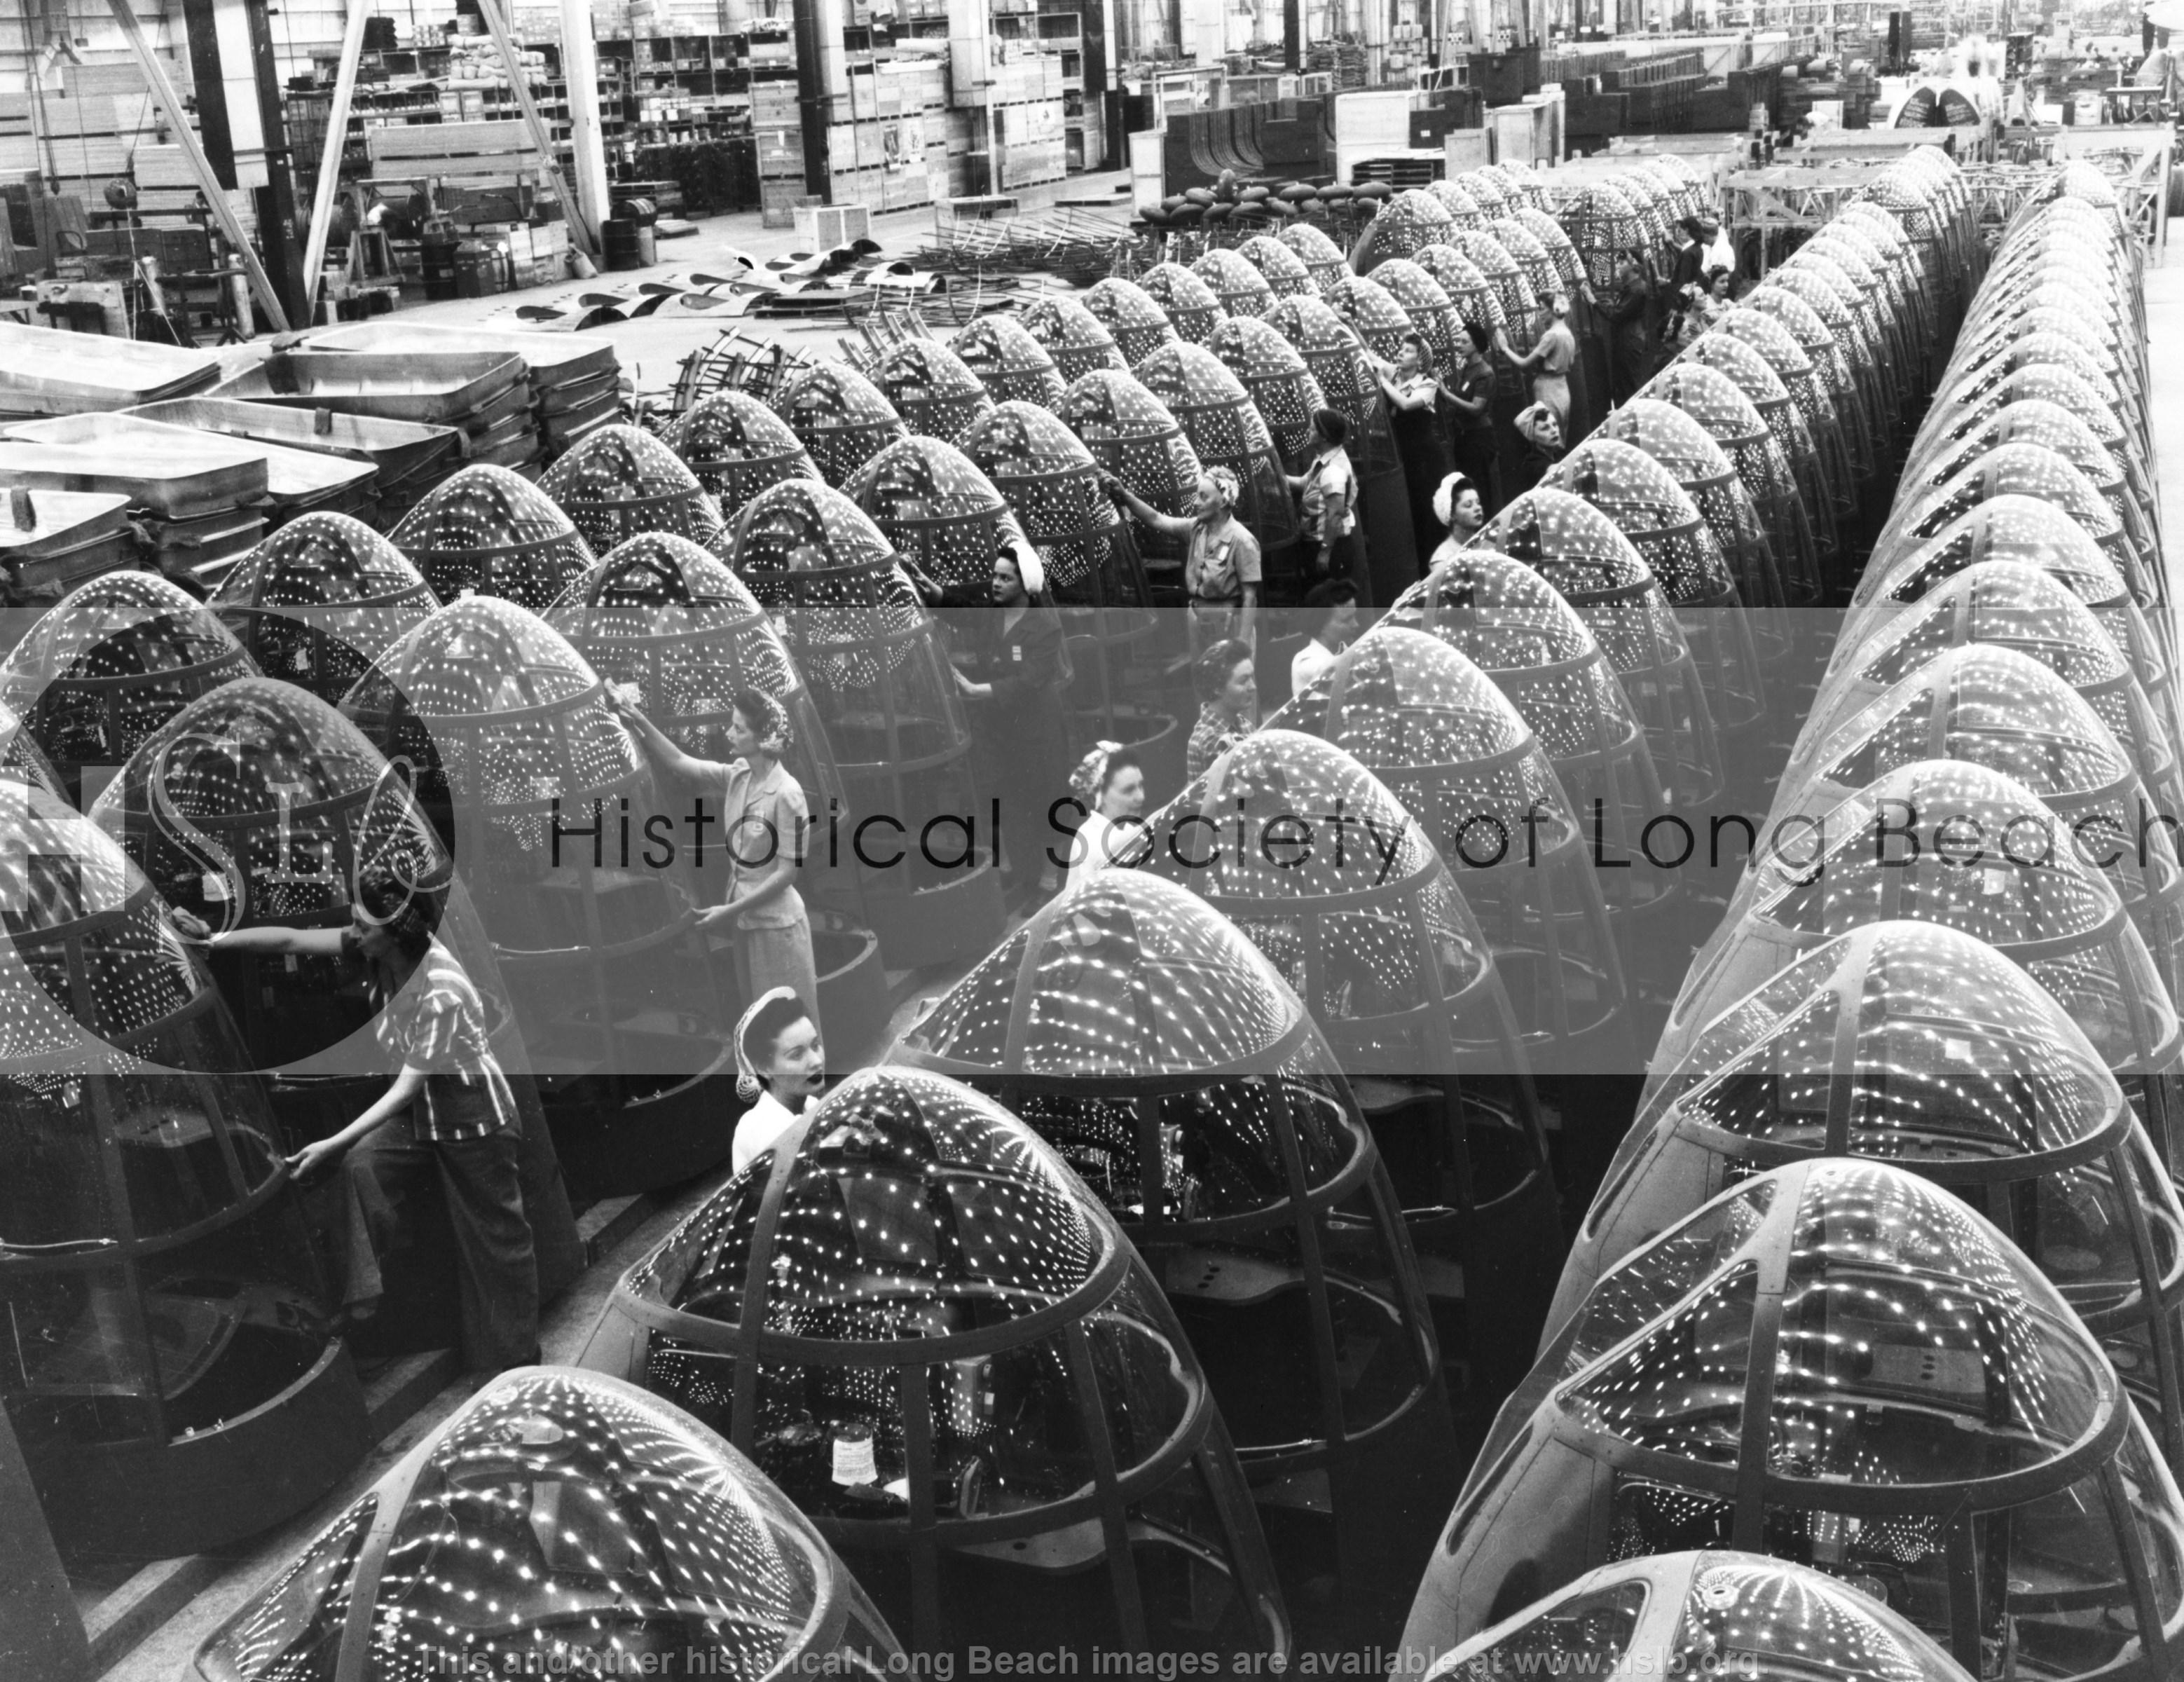 Nose cones at McDonnell Douglas, 1942 vintage photograph